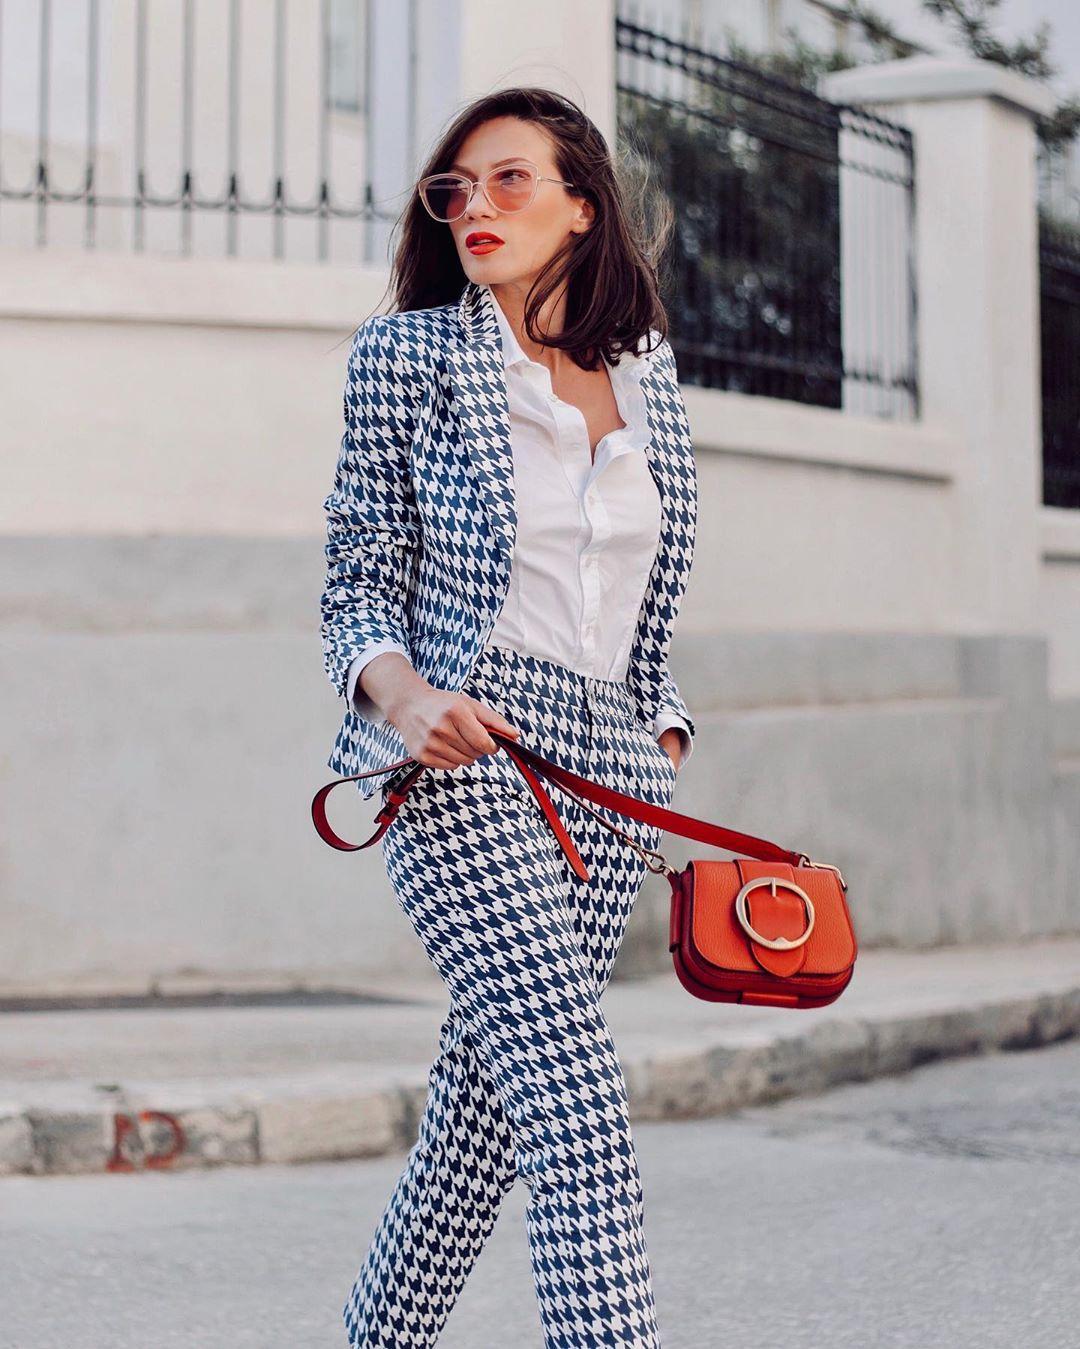 модный летние образы для бизнес-леди фото 11